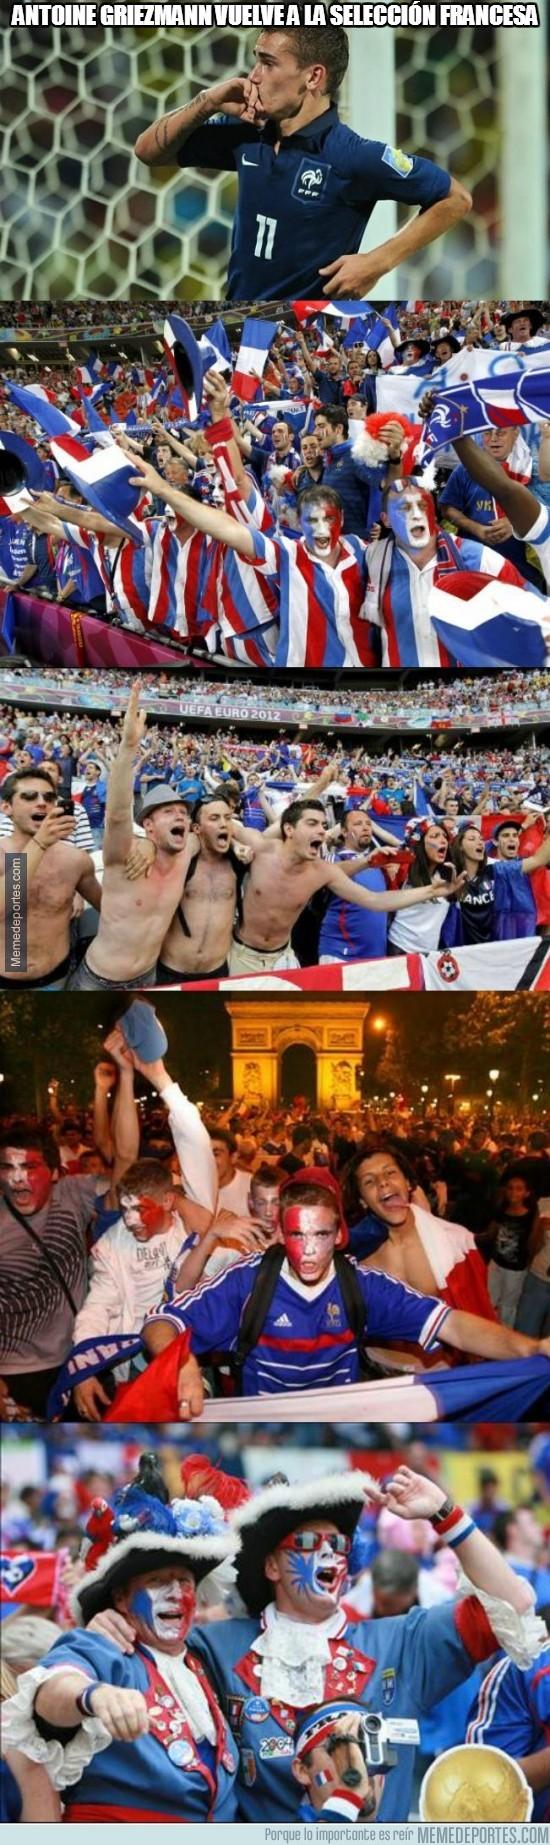 273983 - Franceses, estáis de suerte